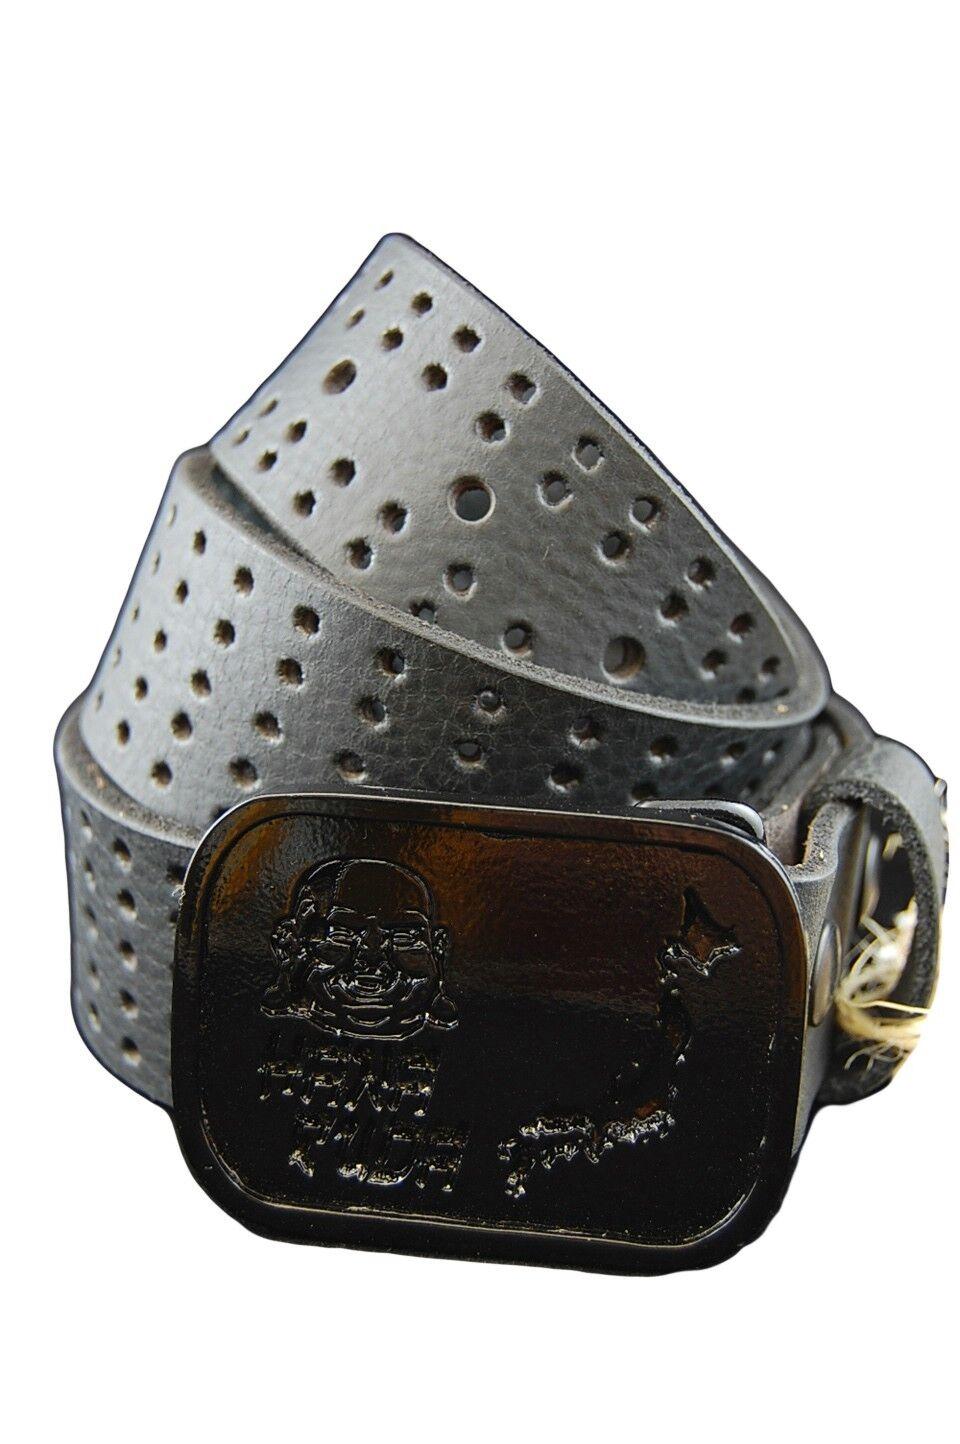 Hanafuda by Yakuza Ink G-HA 307 Unisex Leder Gürtel, Größe 80 cm schwarz